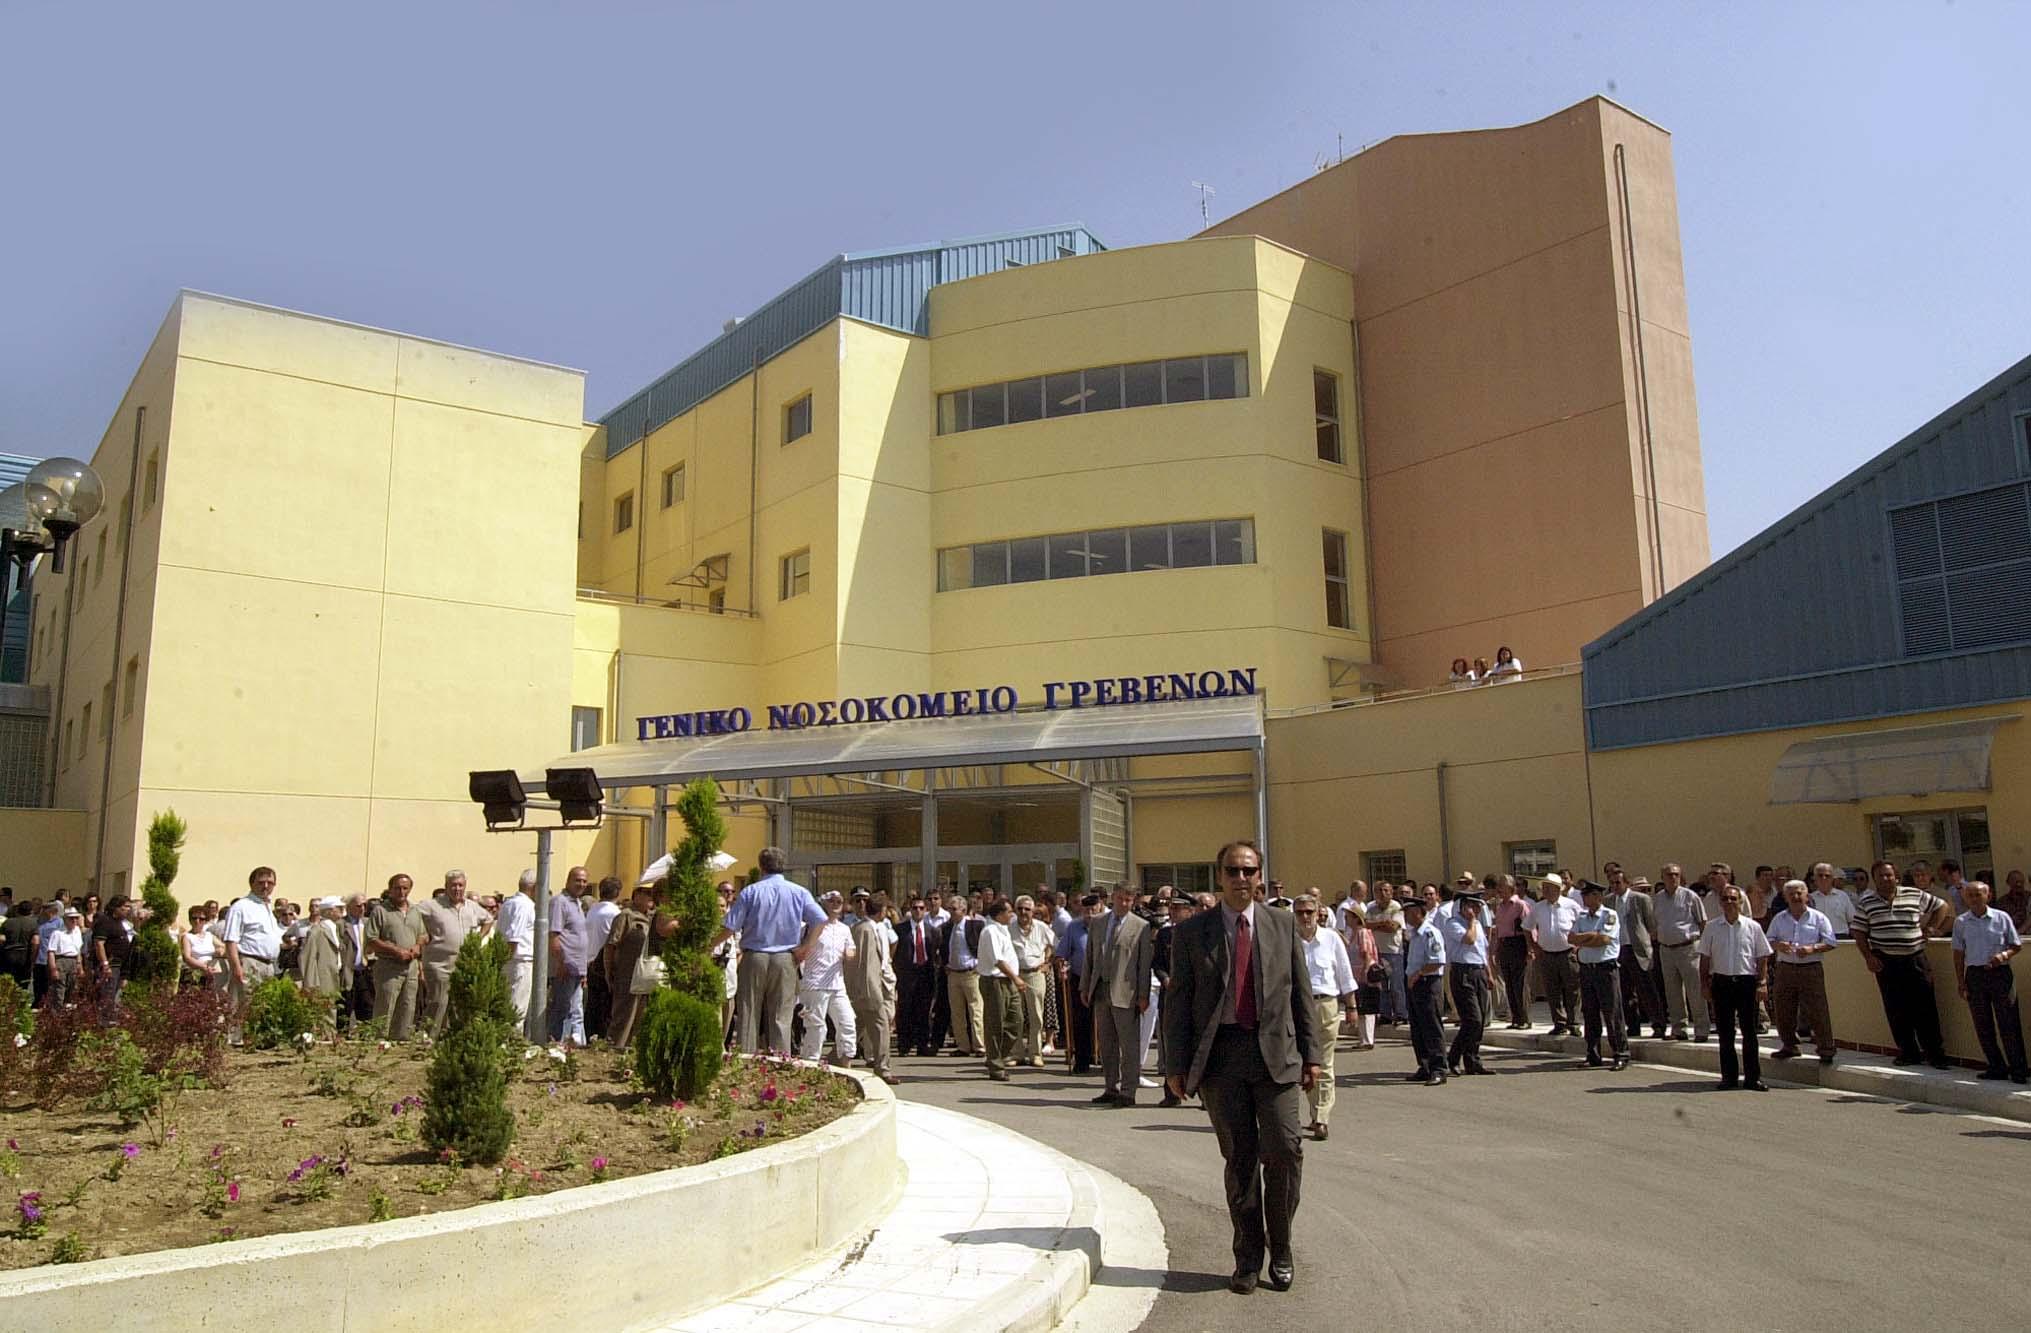 Η Ν.Ε. ΠΑΣΟΚ Γρεβενών και το Γενικό Νοσοκομείο Γρεβενών – Πιέσεις για την αποφυγή υποβάθμισης του Νοσοκομείου